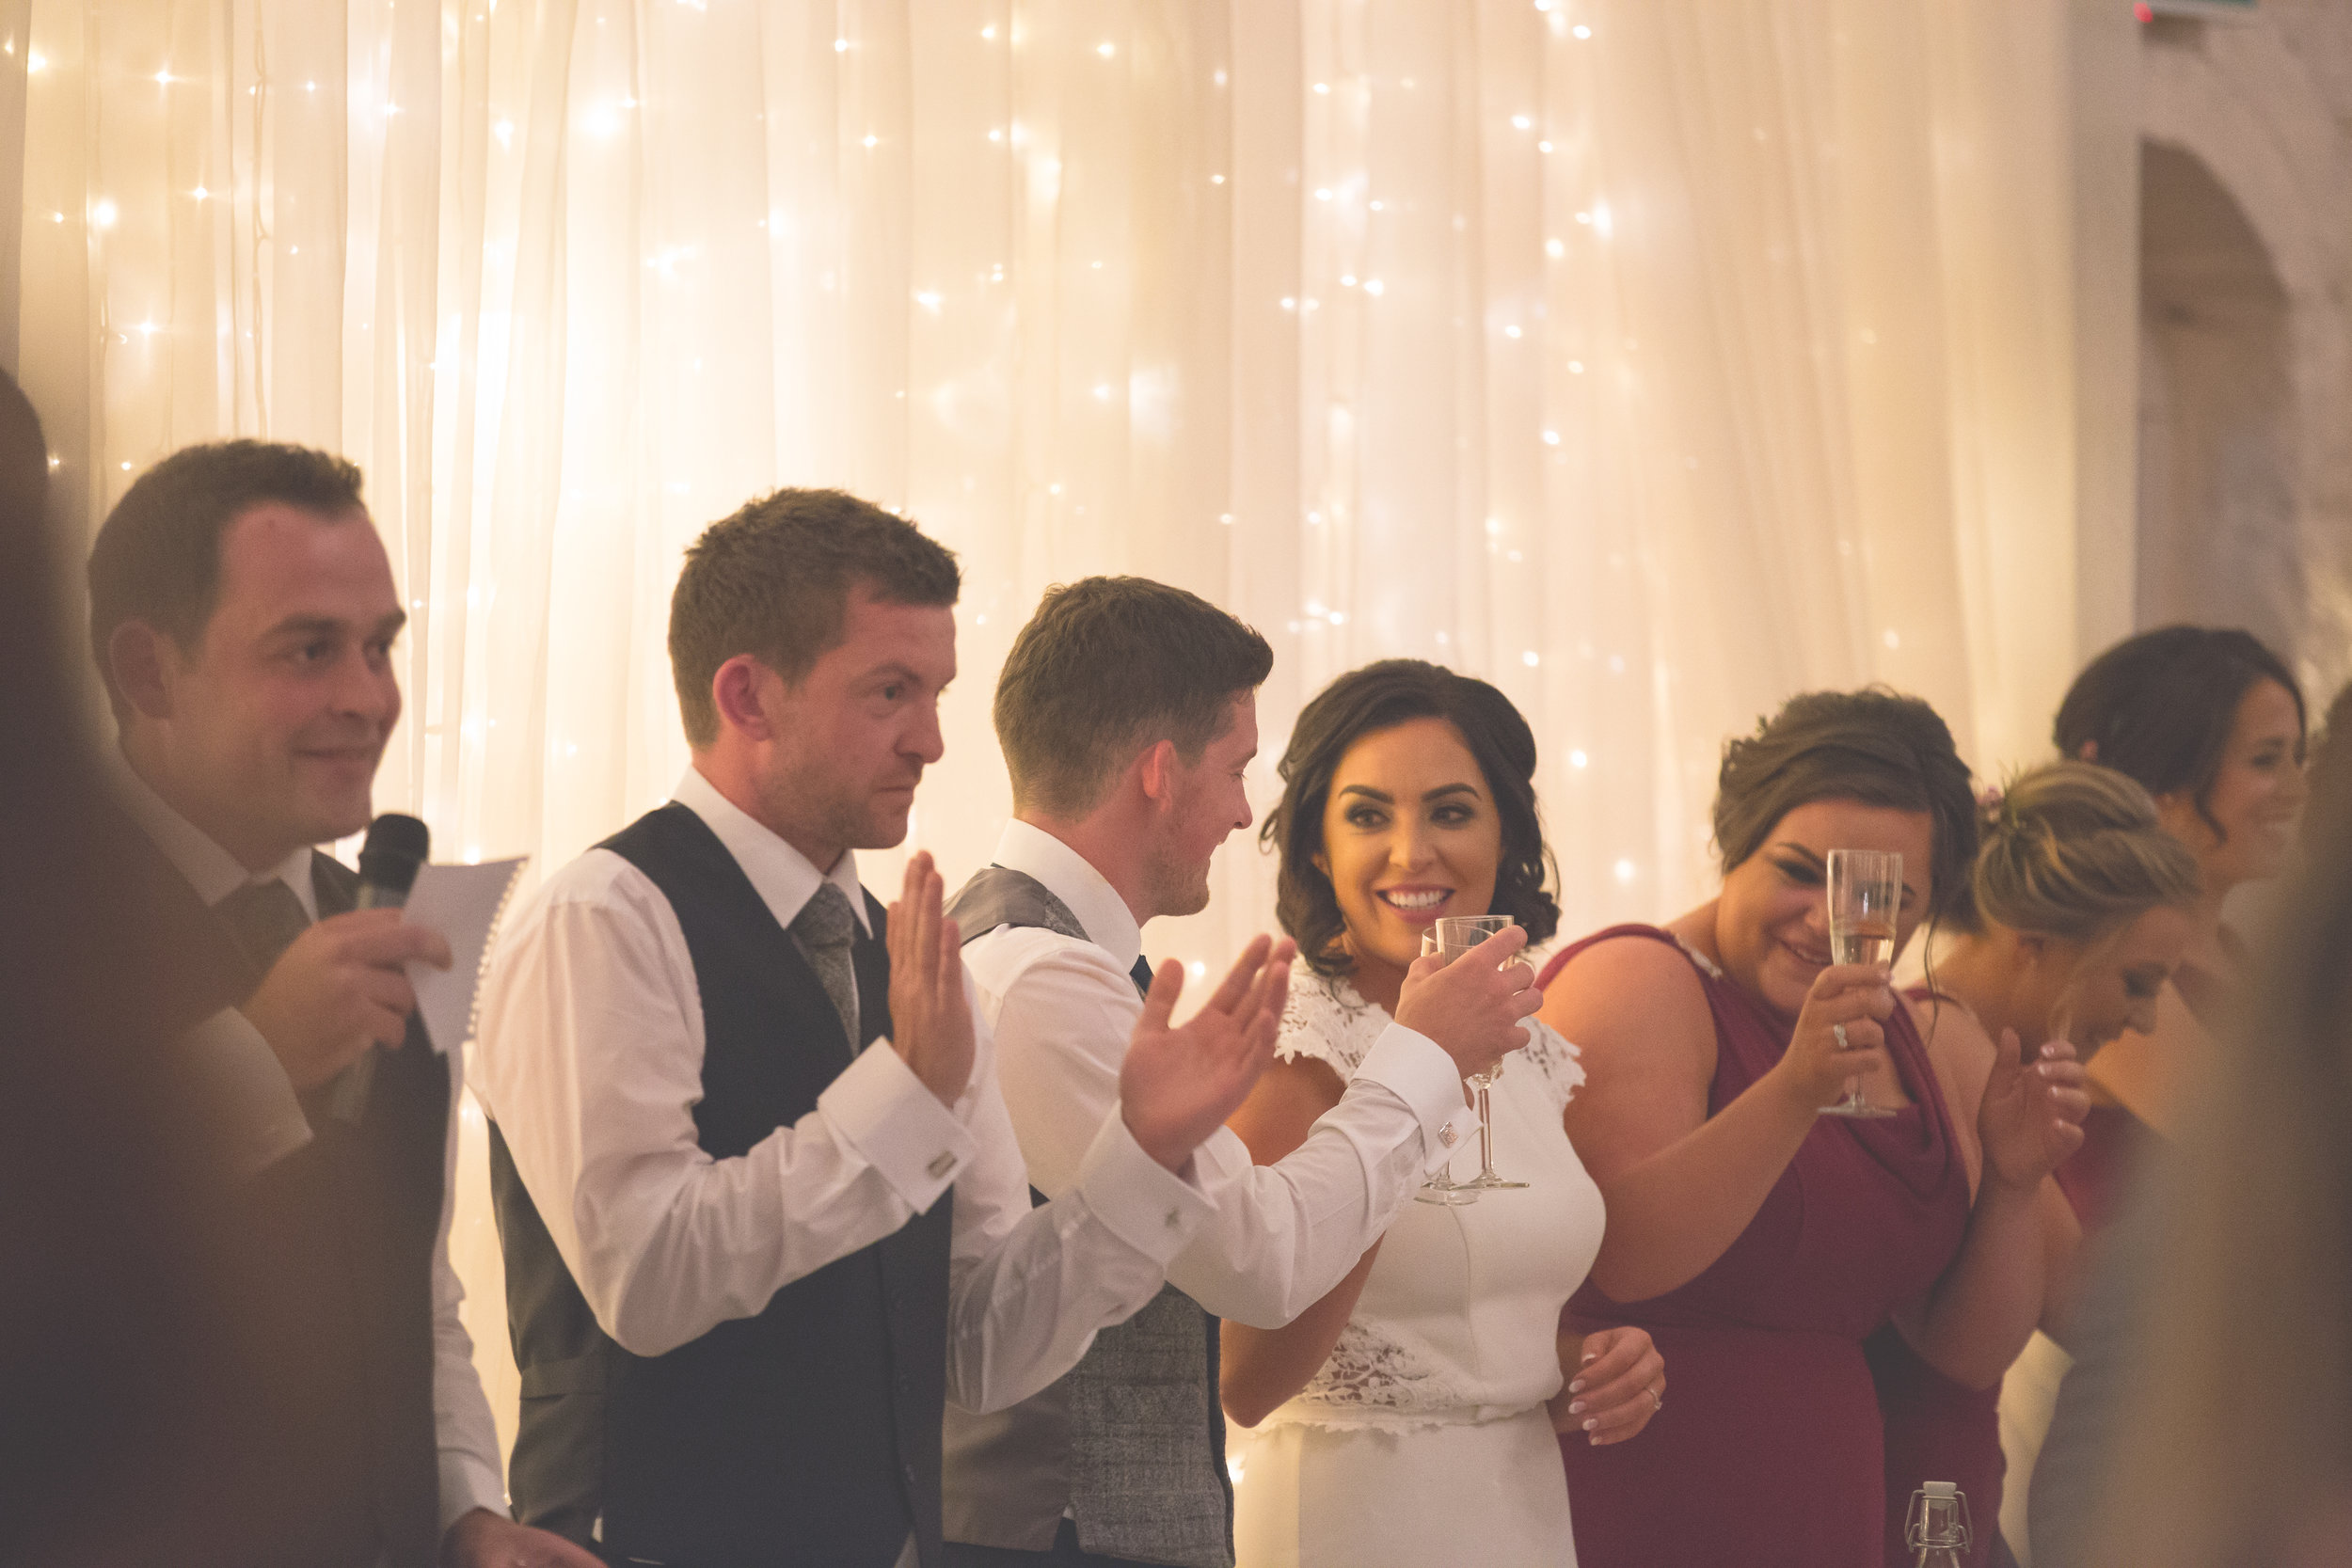 Brian McEwan Wedding Photography | Carol-Anne & Sean | The Speeches-105.jpg